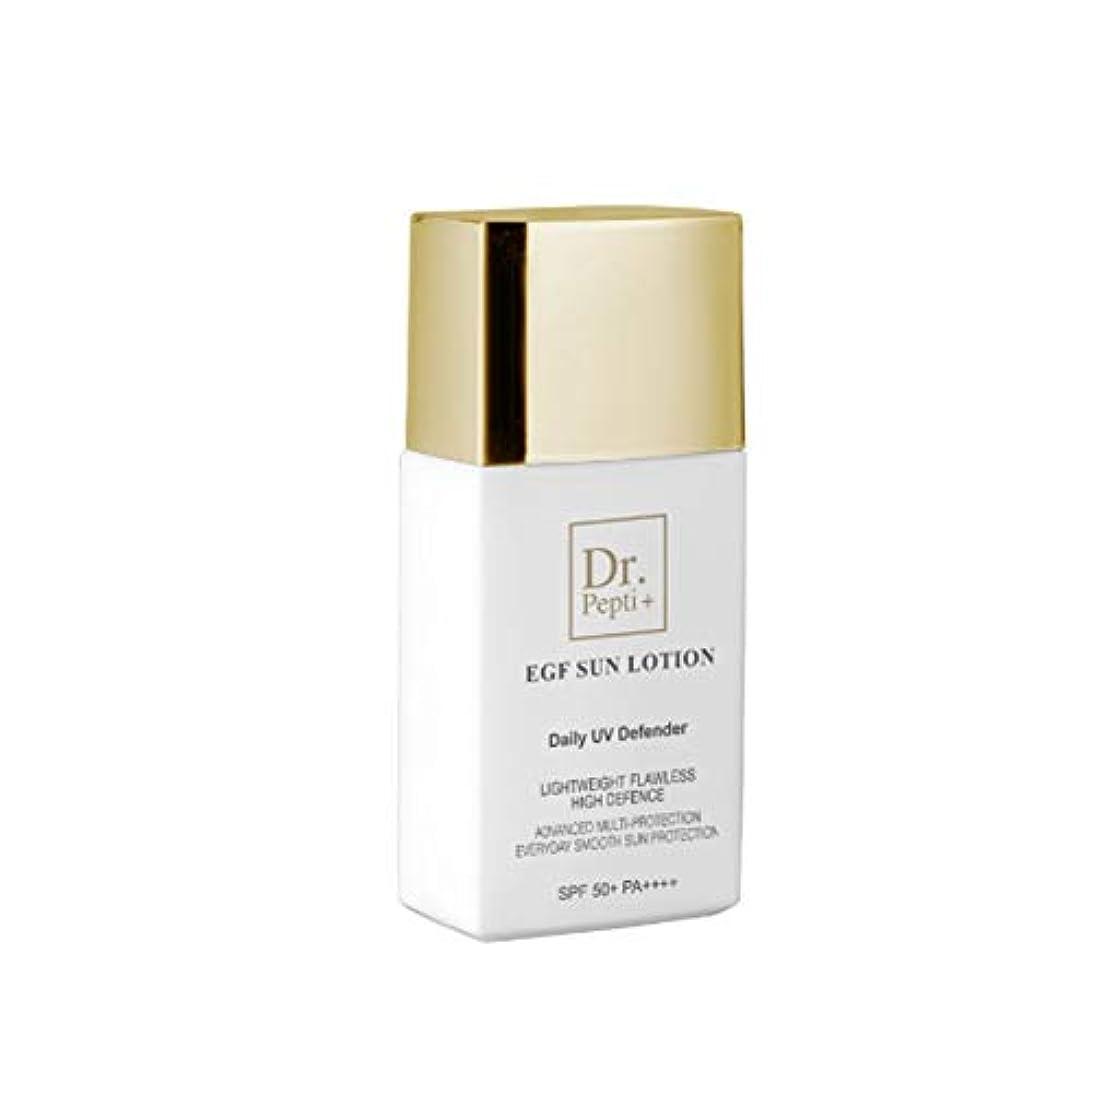 レンダータッチラケットジェイアンドコーシュドクターペプチEGFサンローション50mlサンクリーム韓国コスメ、J&Coceu Dr.Pepti+ EGF Sun Lotion 50ml Sun Cream Korean Cosmetics [並行輸入品]